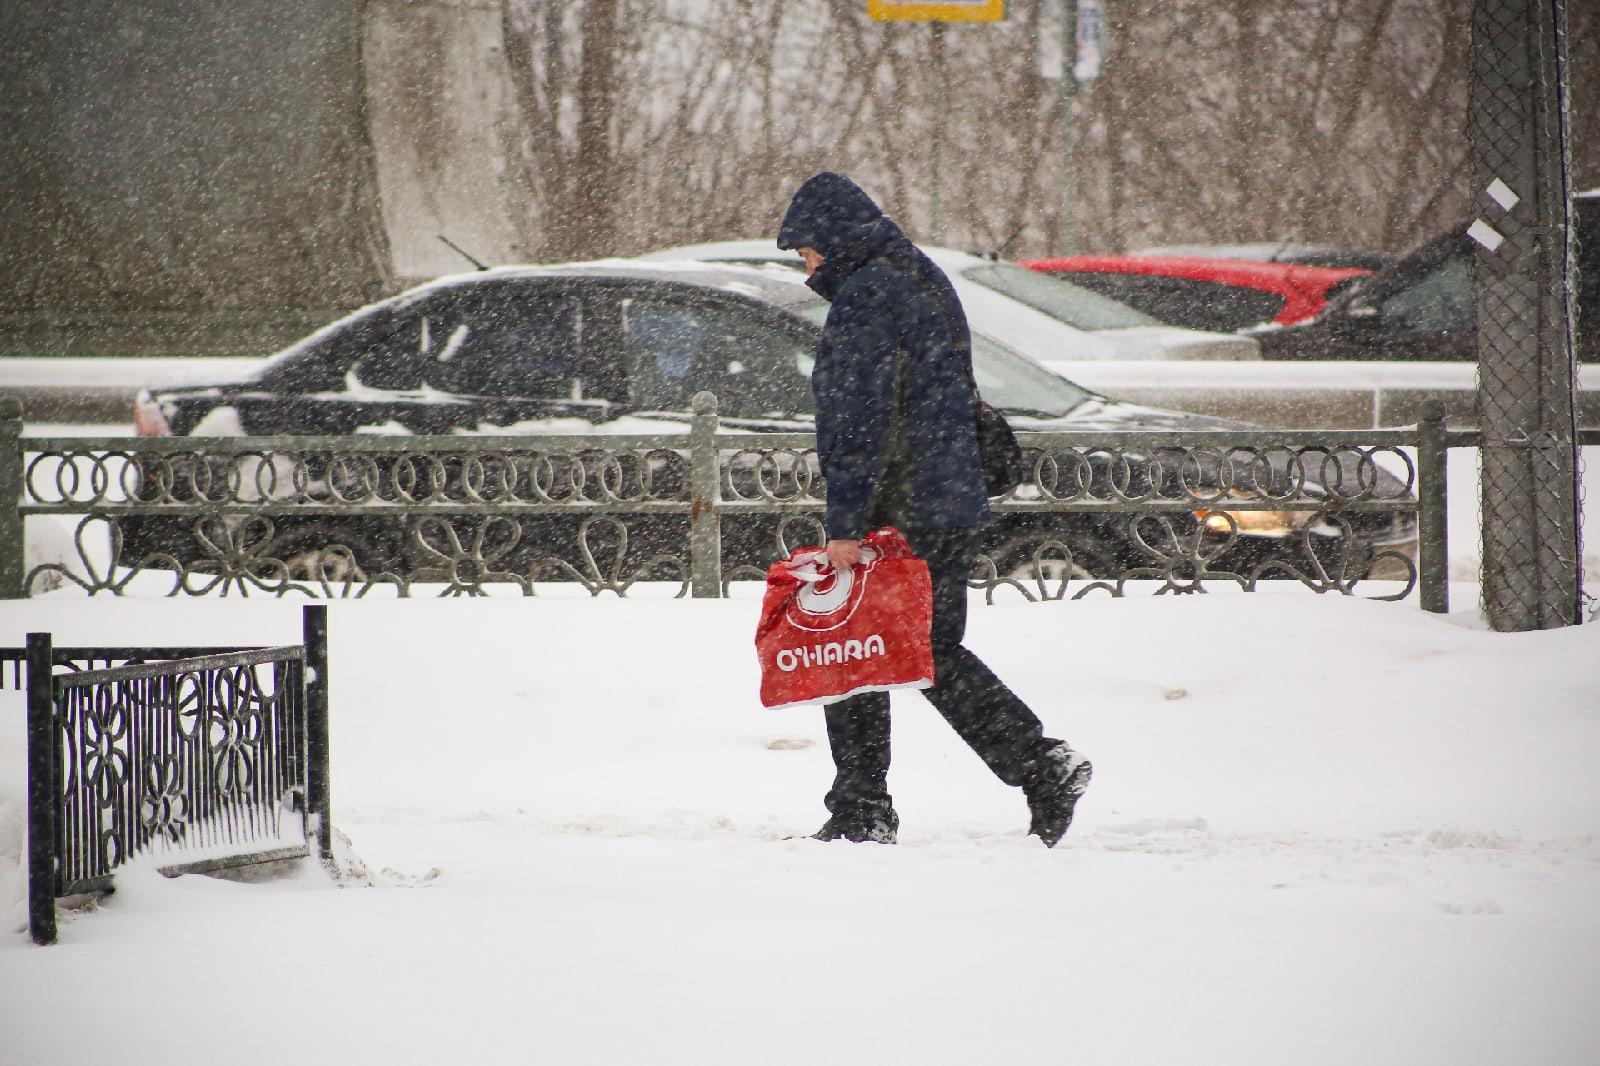 фото Новосибирск накрыла ледяная буря: 10 фото из снежного плена 8